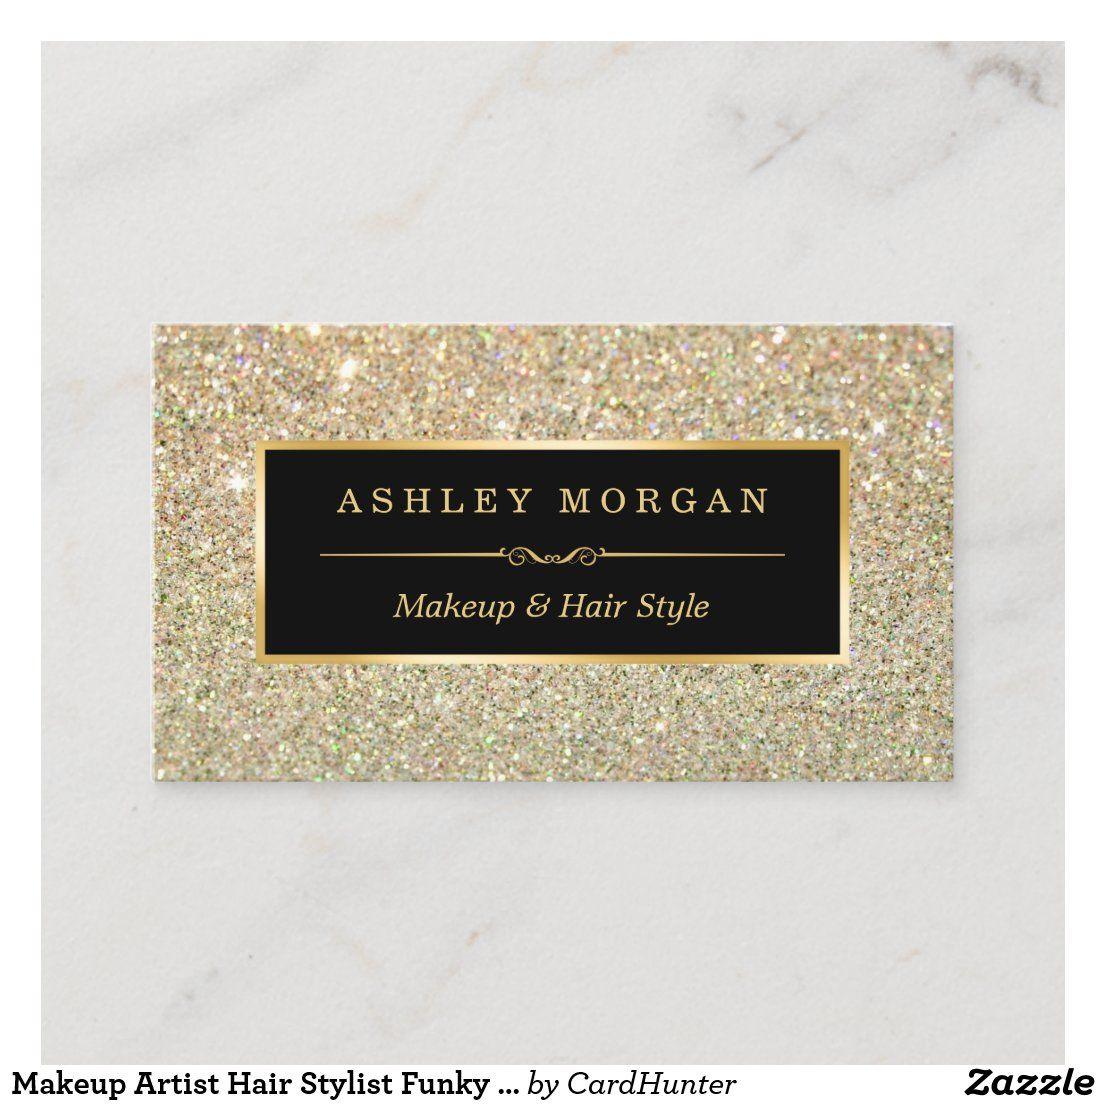 Makeup Artist Hair Stylist Funky Gold Glitter Business Card Zazzle Com In 2021 Glitter Business Cards Hairstylist Business Cards Stylist Business Cards